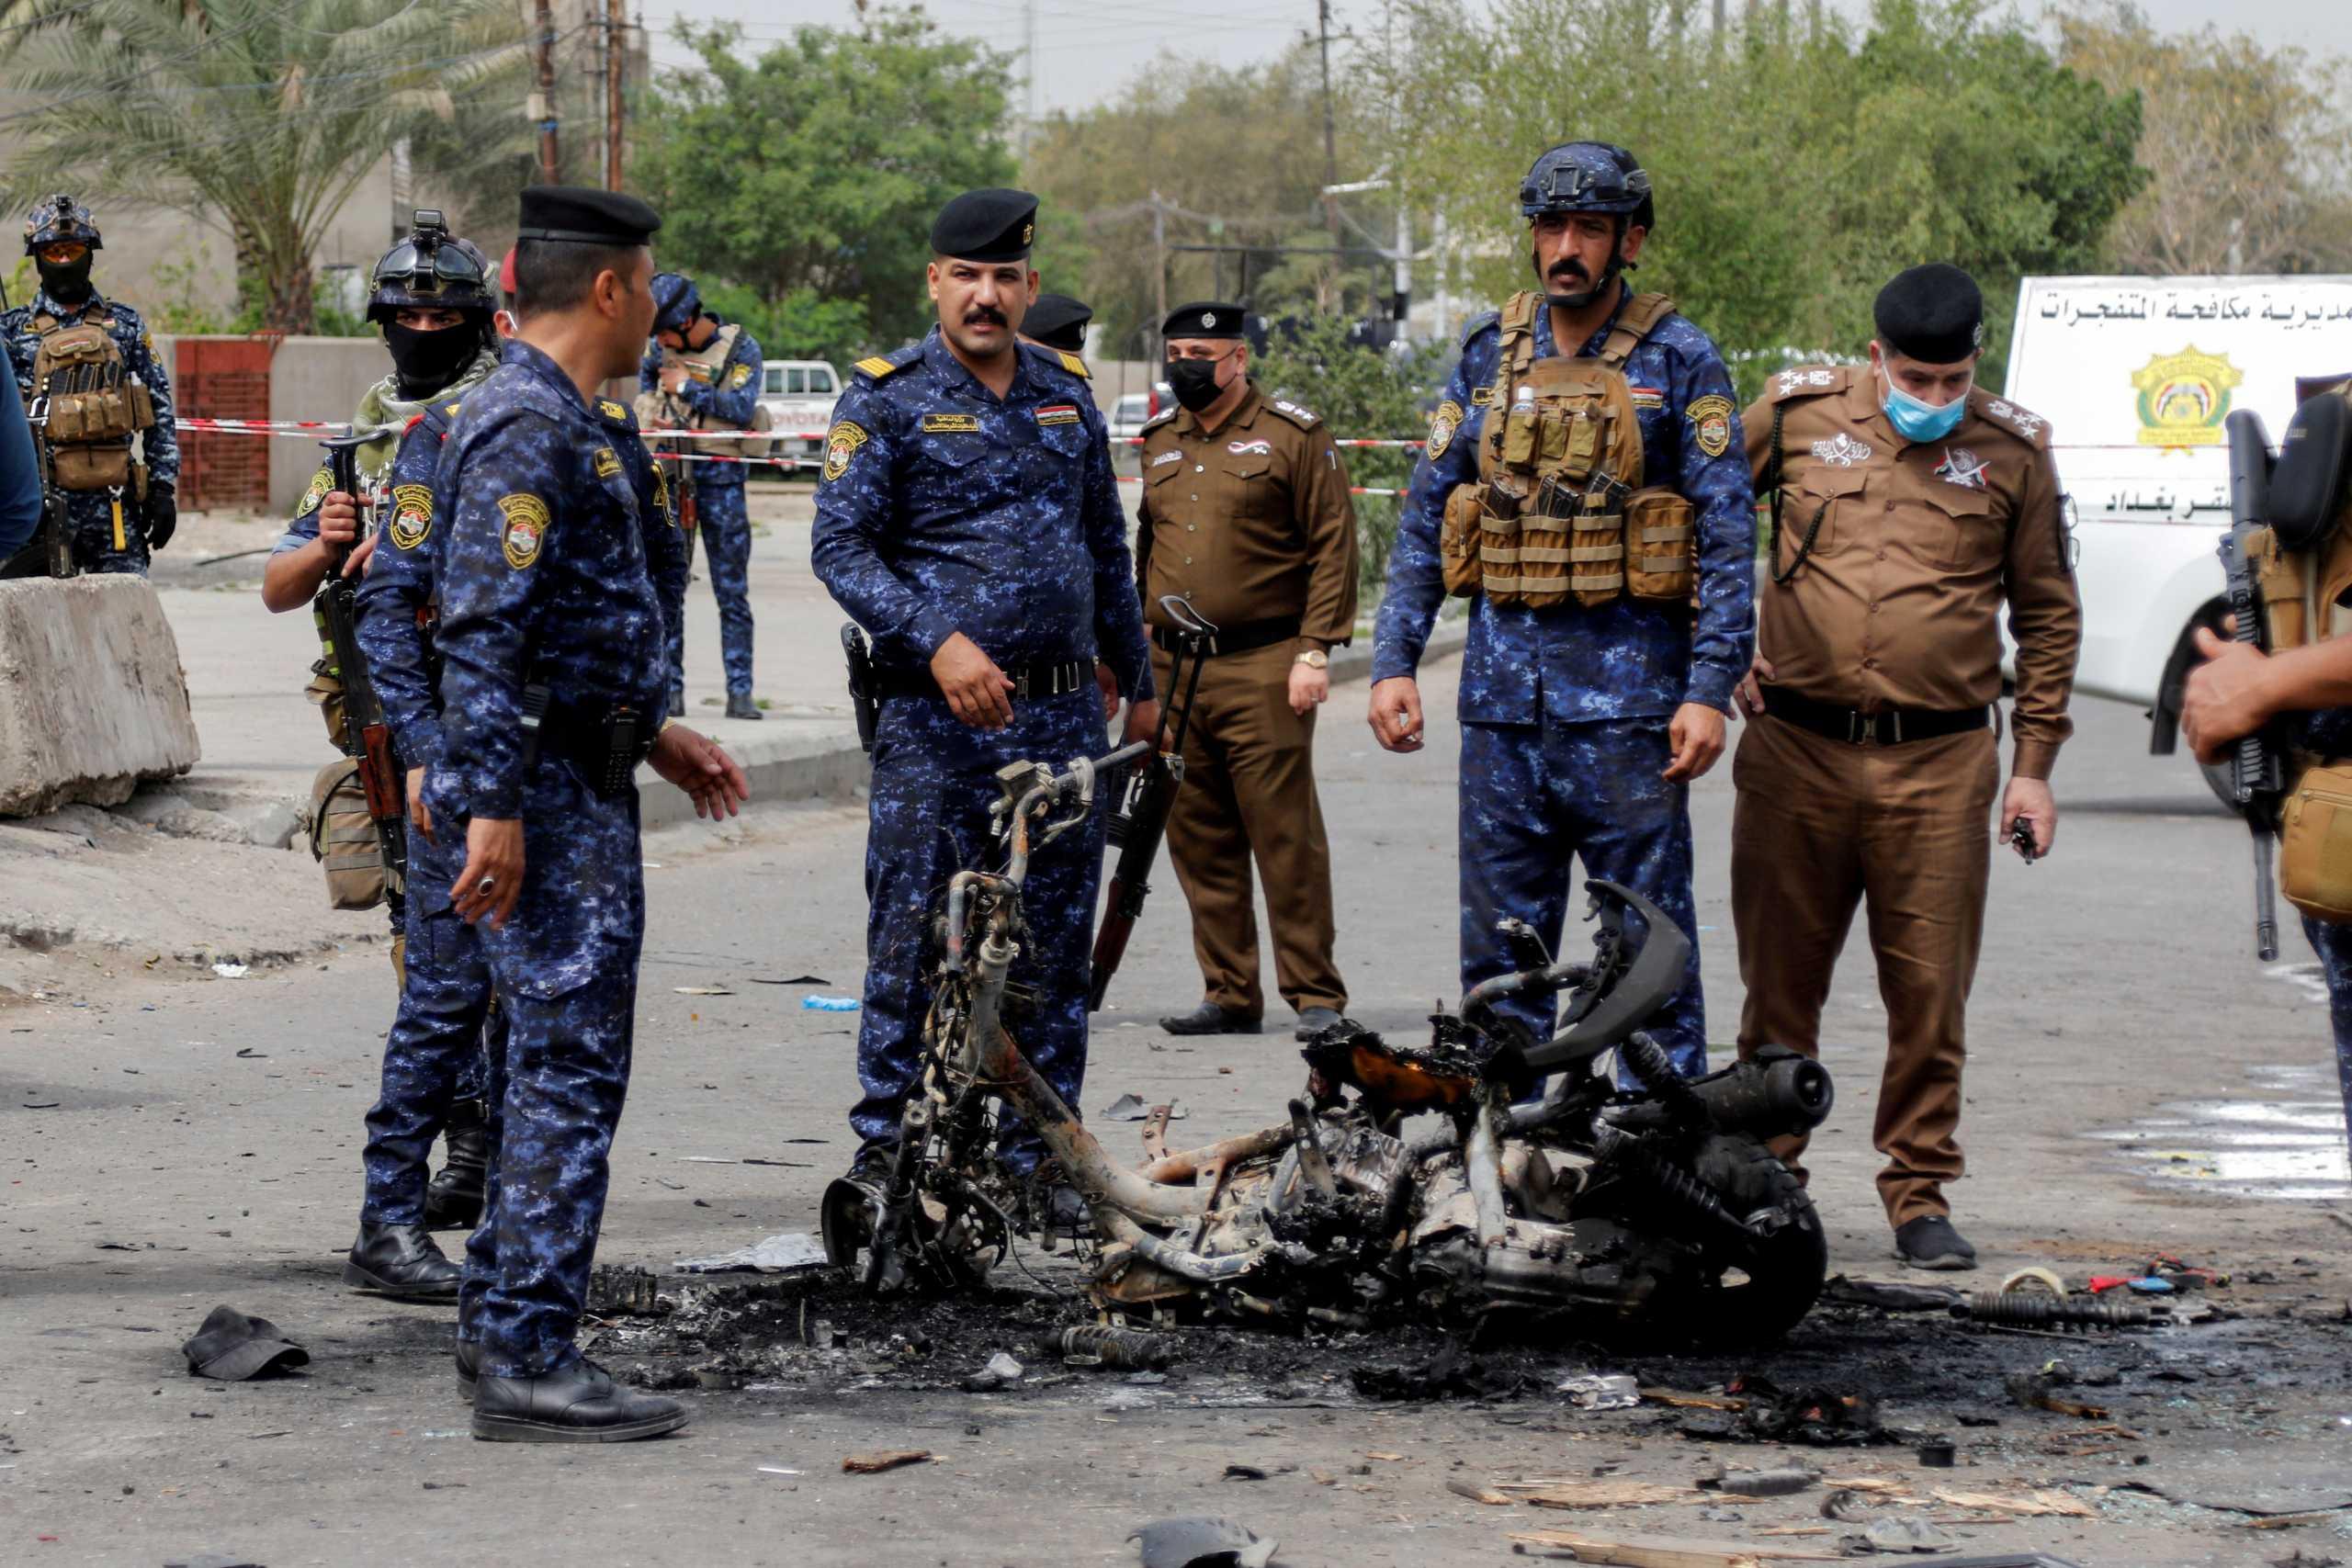 Ιράκ: Επίθεση με ρουκέτες κατά της αεροπορικής βάσης Μπάλαντ με 5 τραυματίες